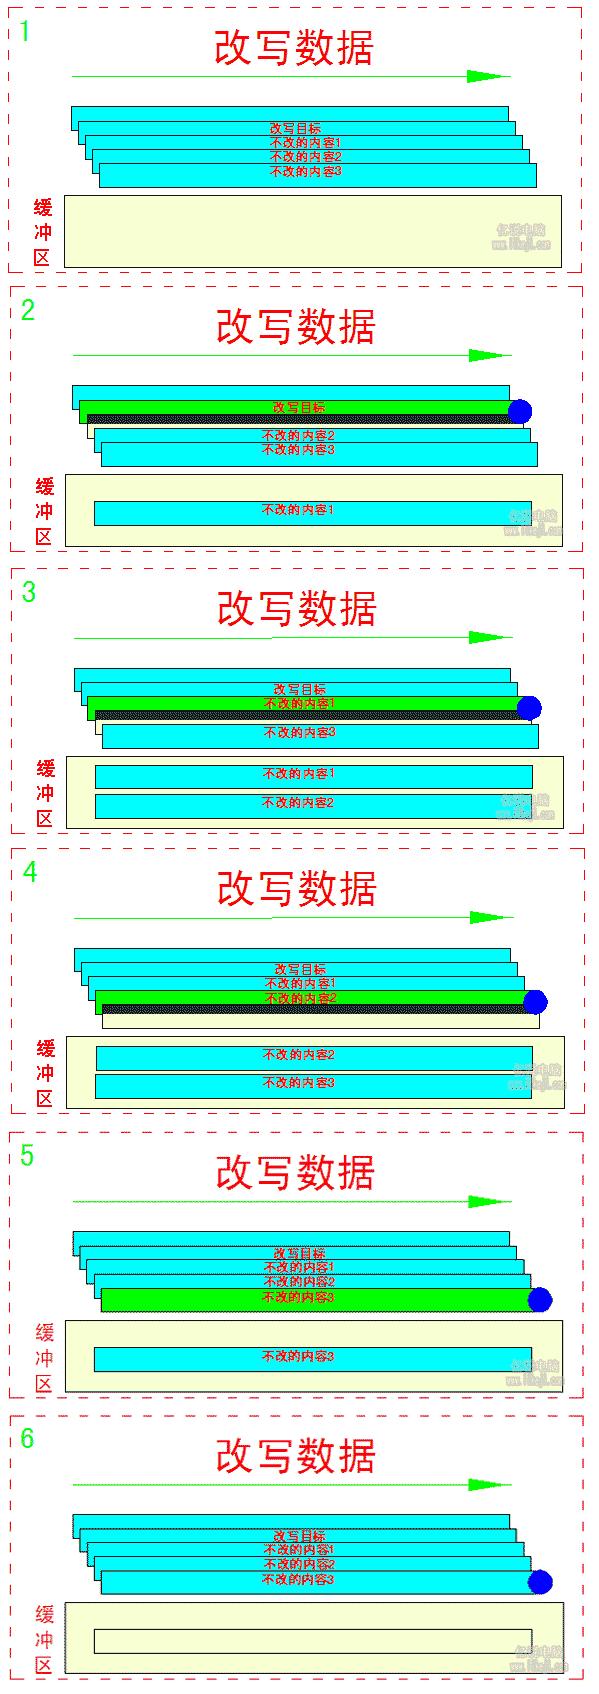 瓦楞式堆叠磁盘执行改写操作的步骤